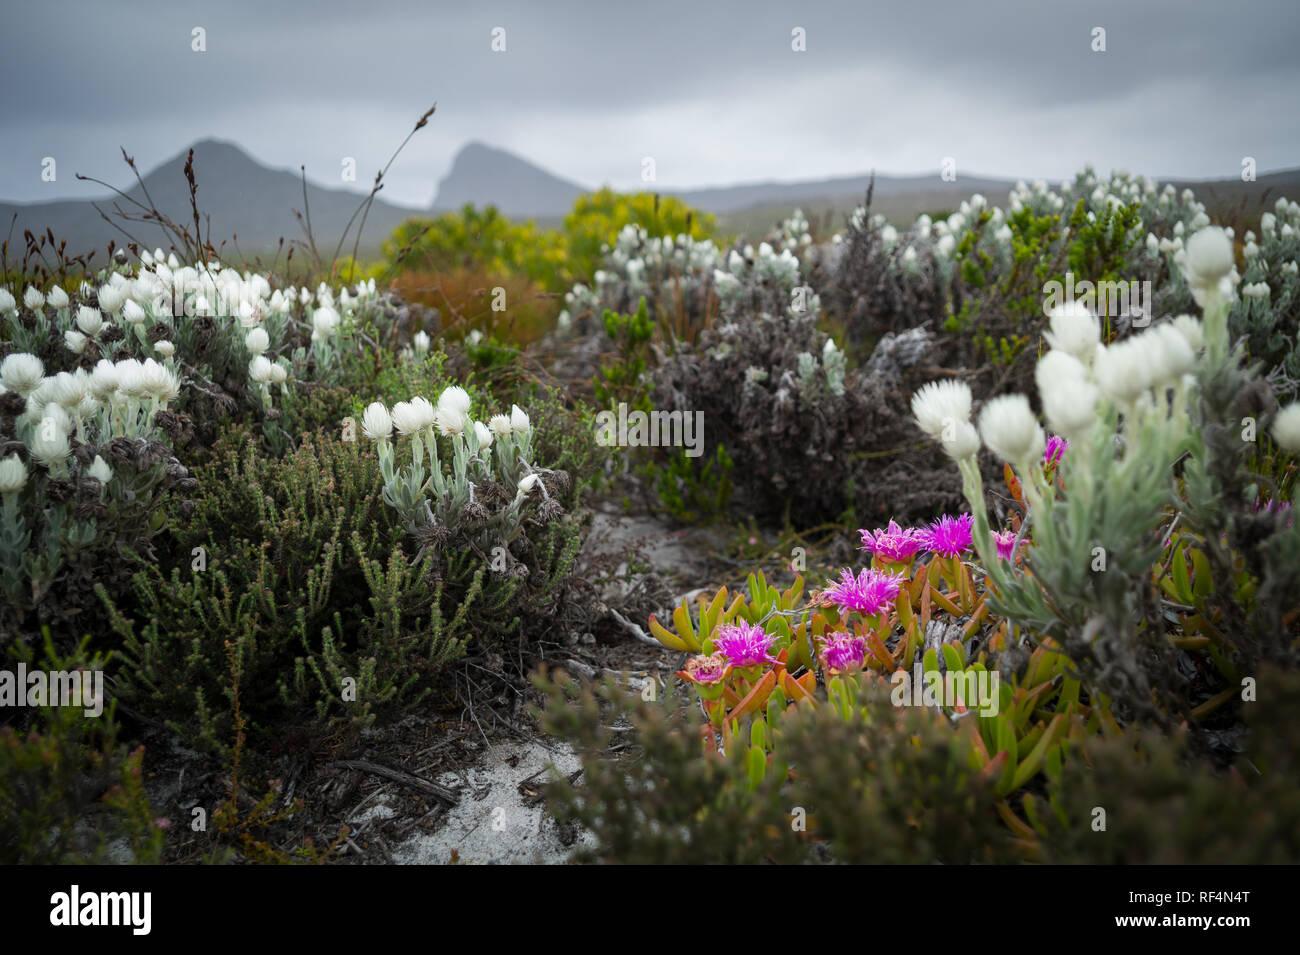 Le Cap de Bonne Espérance, le Parc National de Table Mountain, Cape Town, Afrique du Sud est reconnu comme le point de rencontre de deux océans Indien et Atlantique: Photo Stock